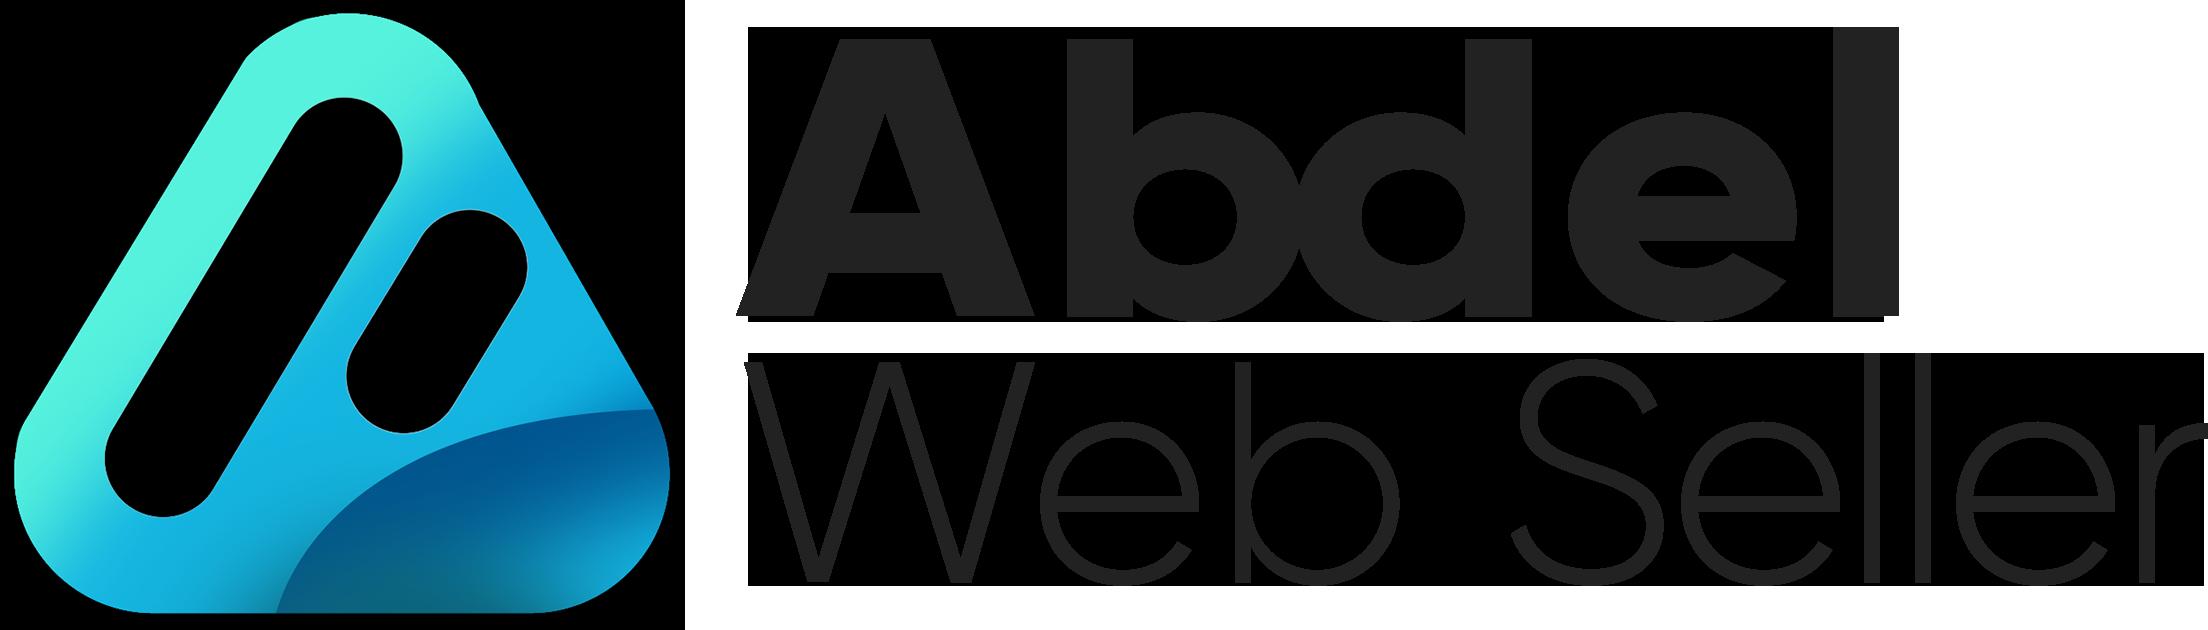 Abdel Webseller